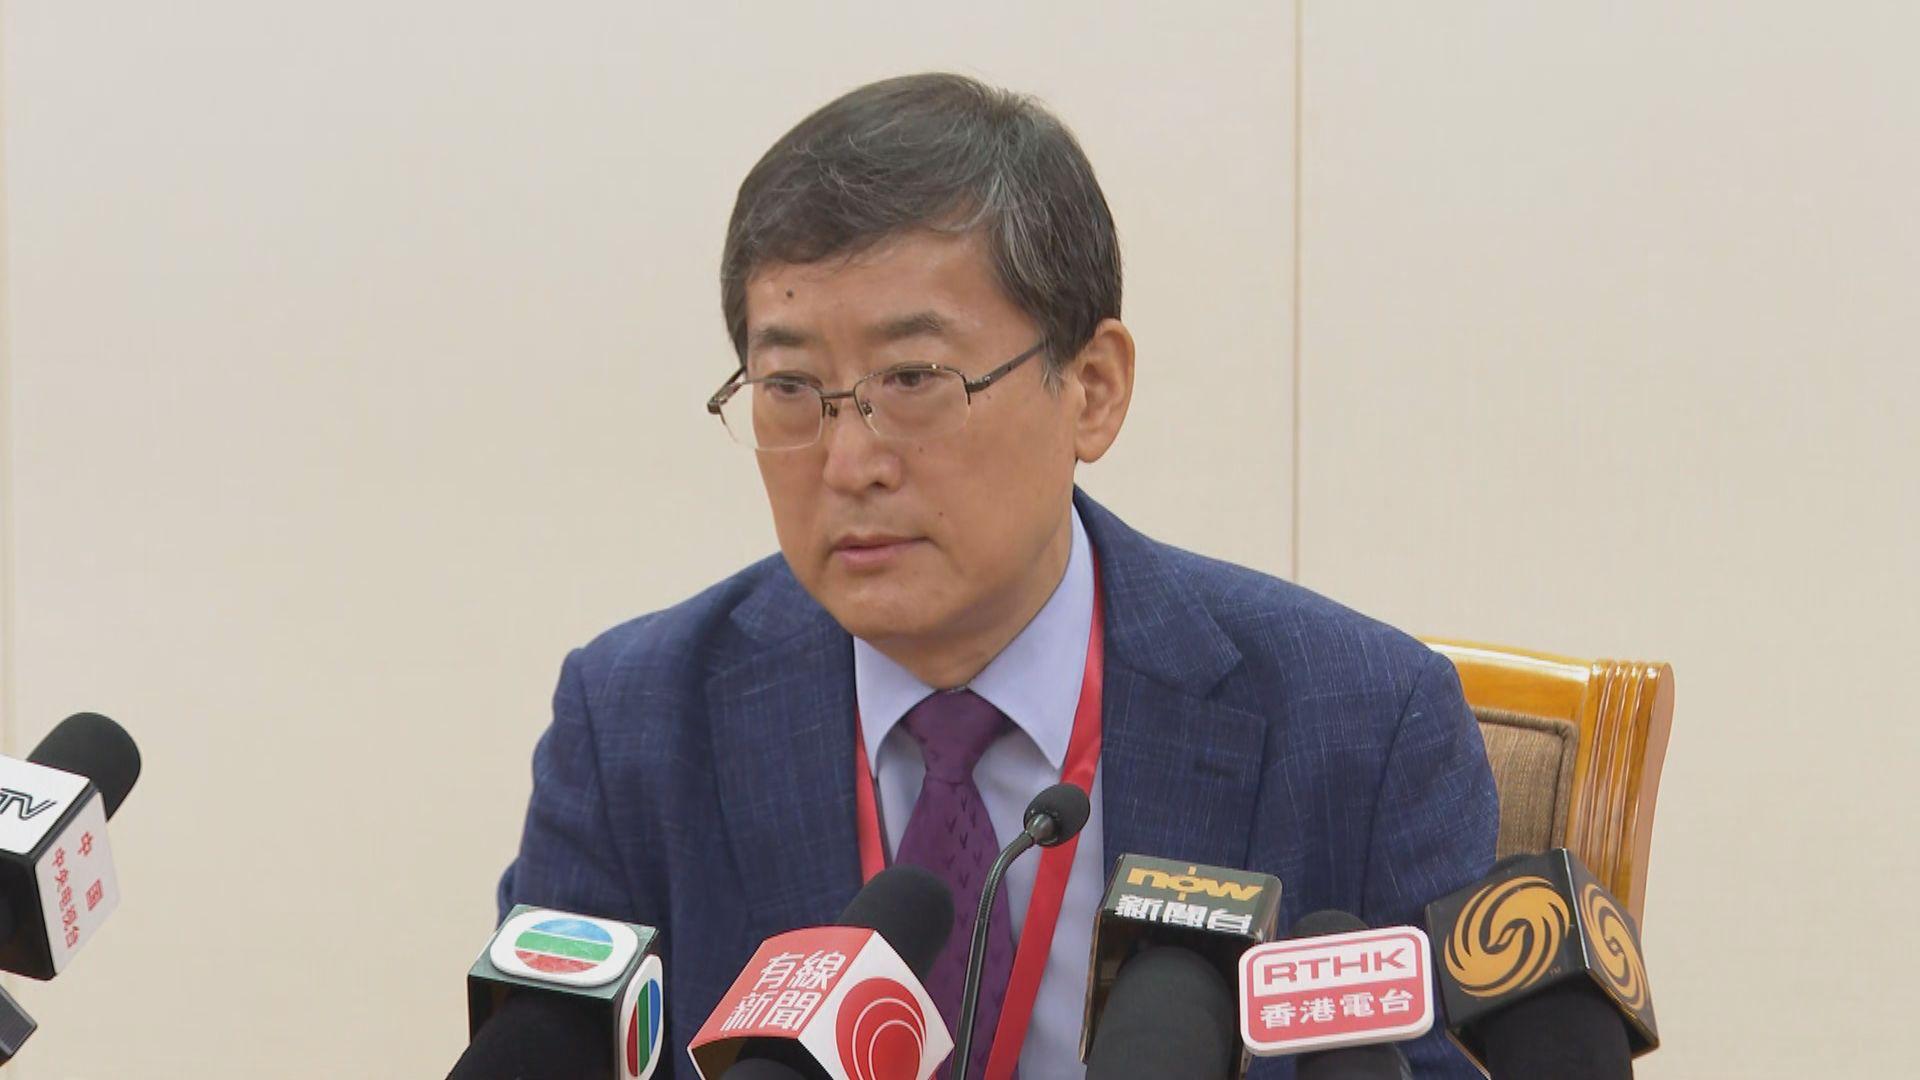 內地法律專家:香港的民主要以國家安全為前提